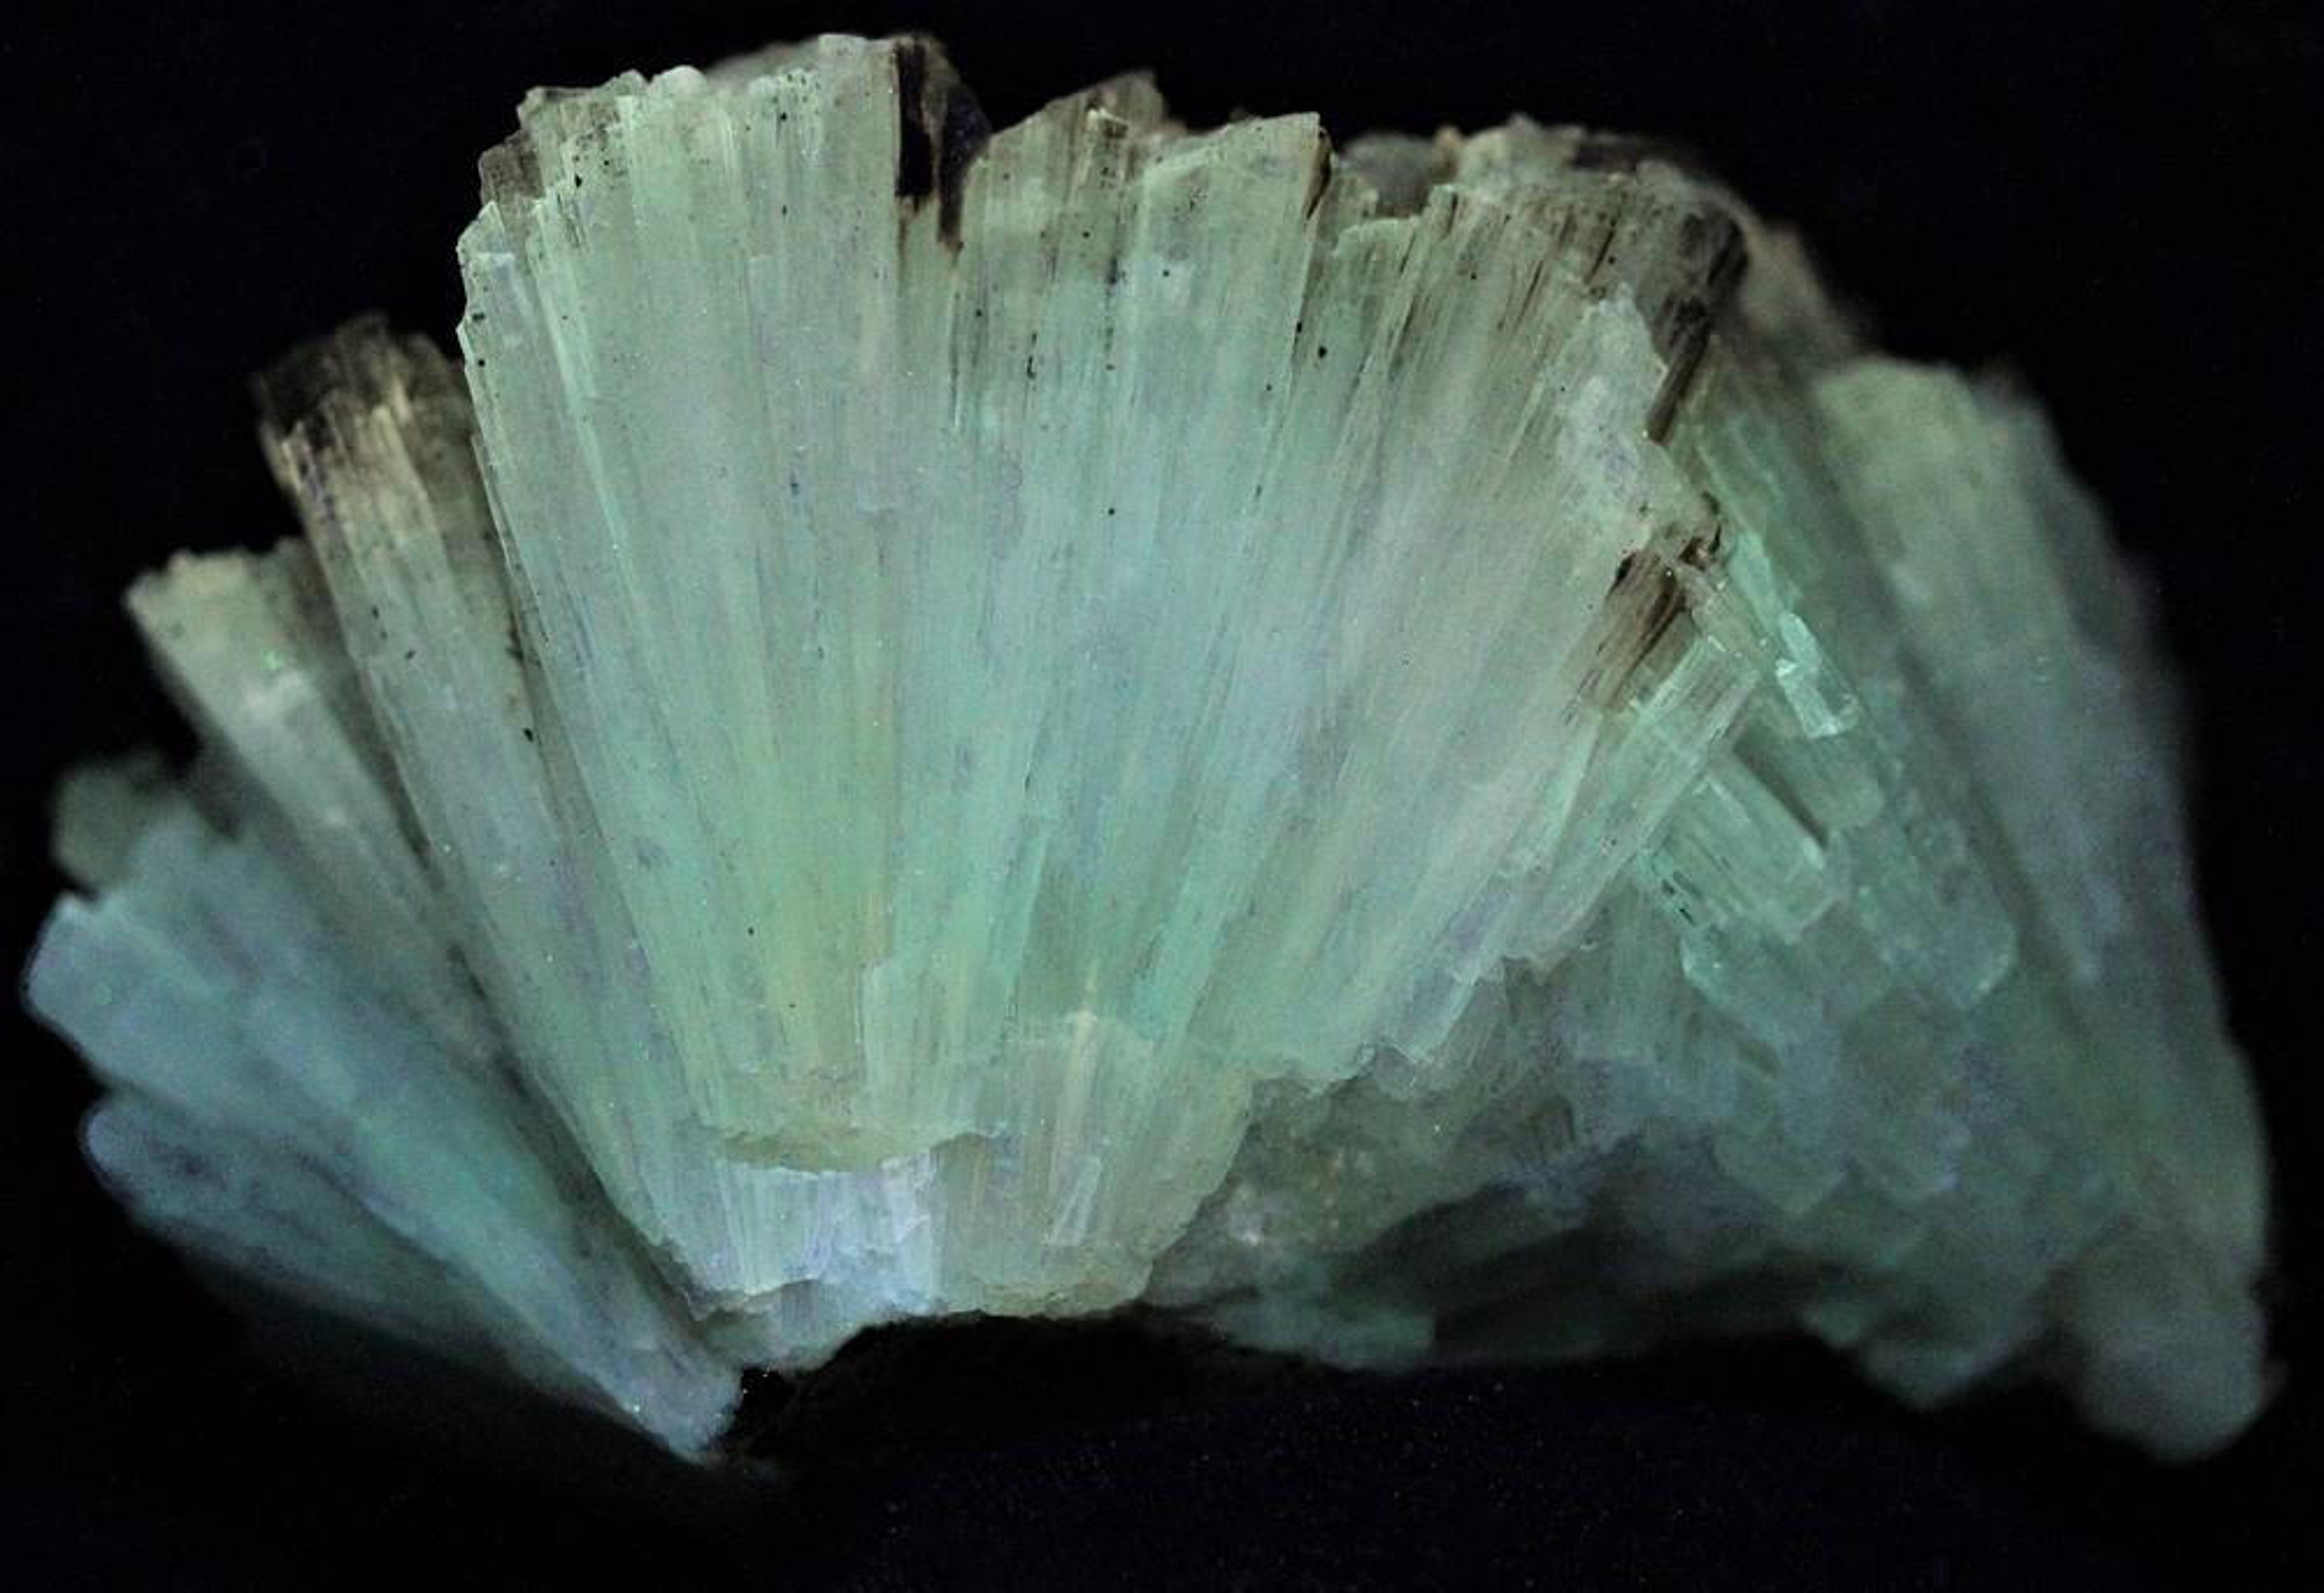 Aragonite crystals from the Sterling Hill Mine, Ogdensburg, NJ under shortwave UV Light